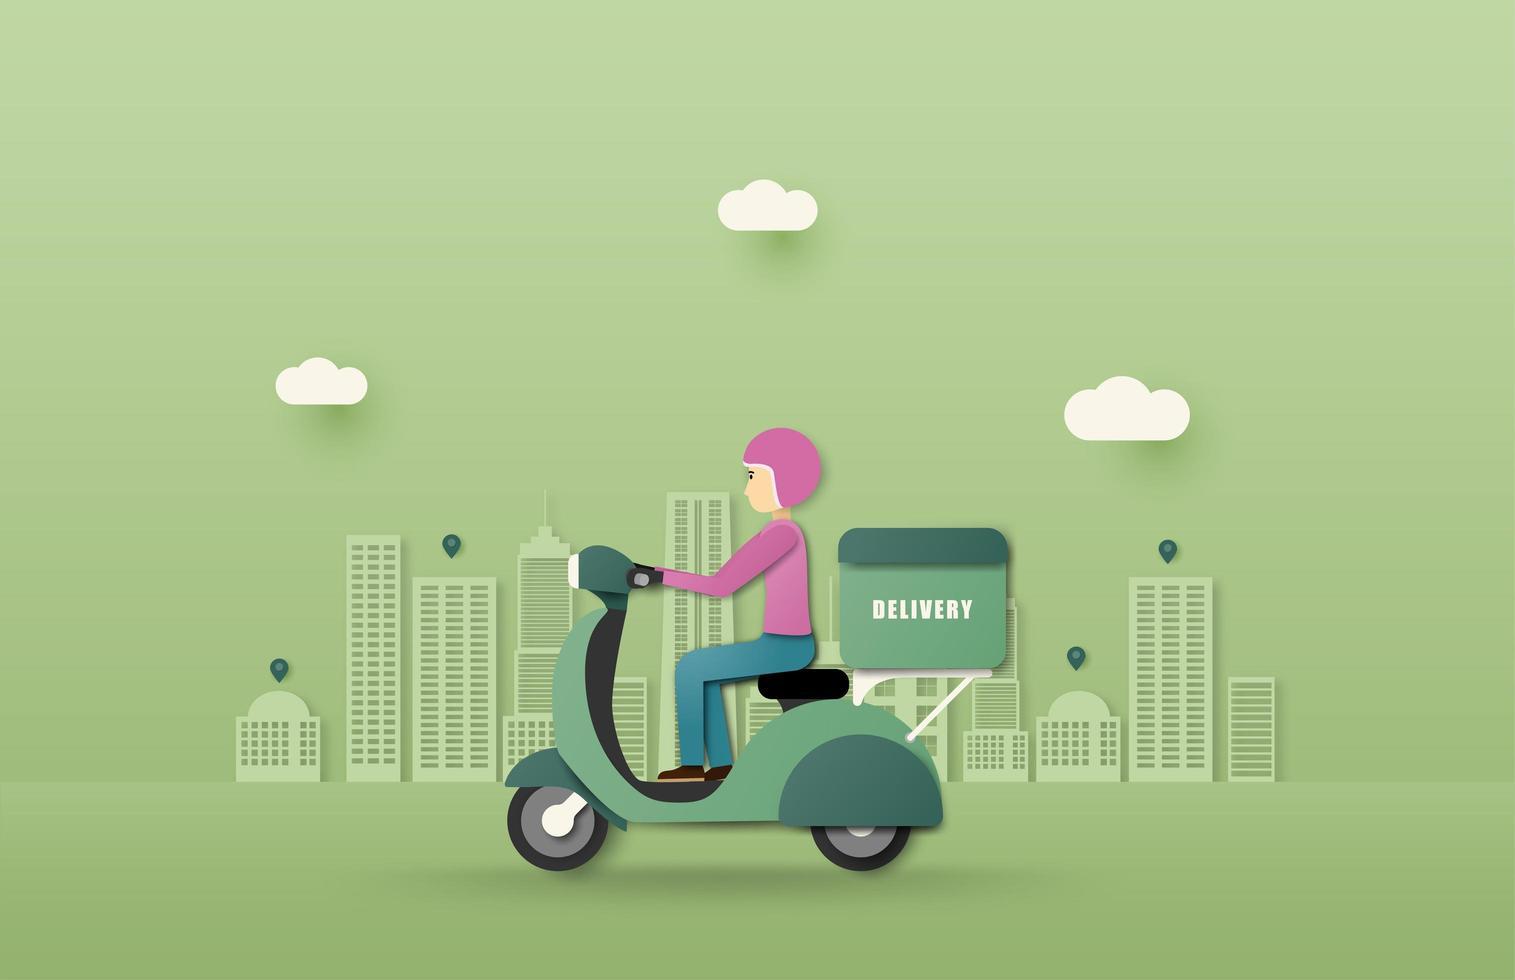 servicio de entrega en línea entrega de conducción de scooter vector